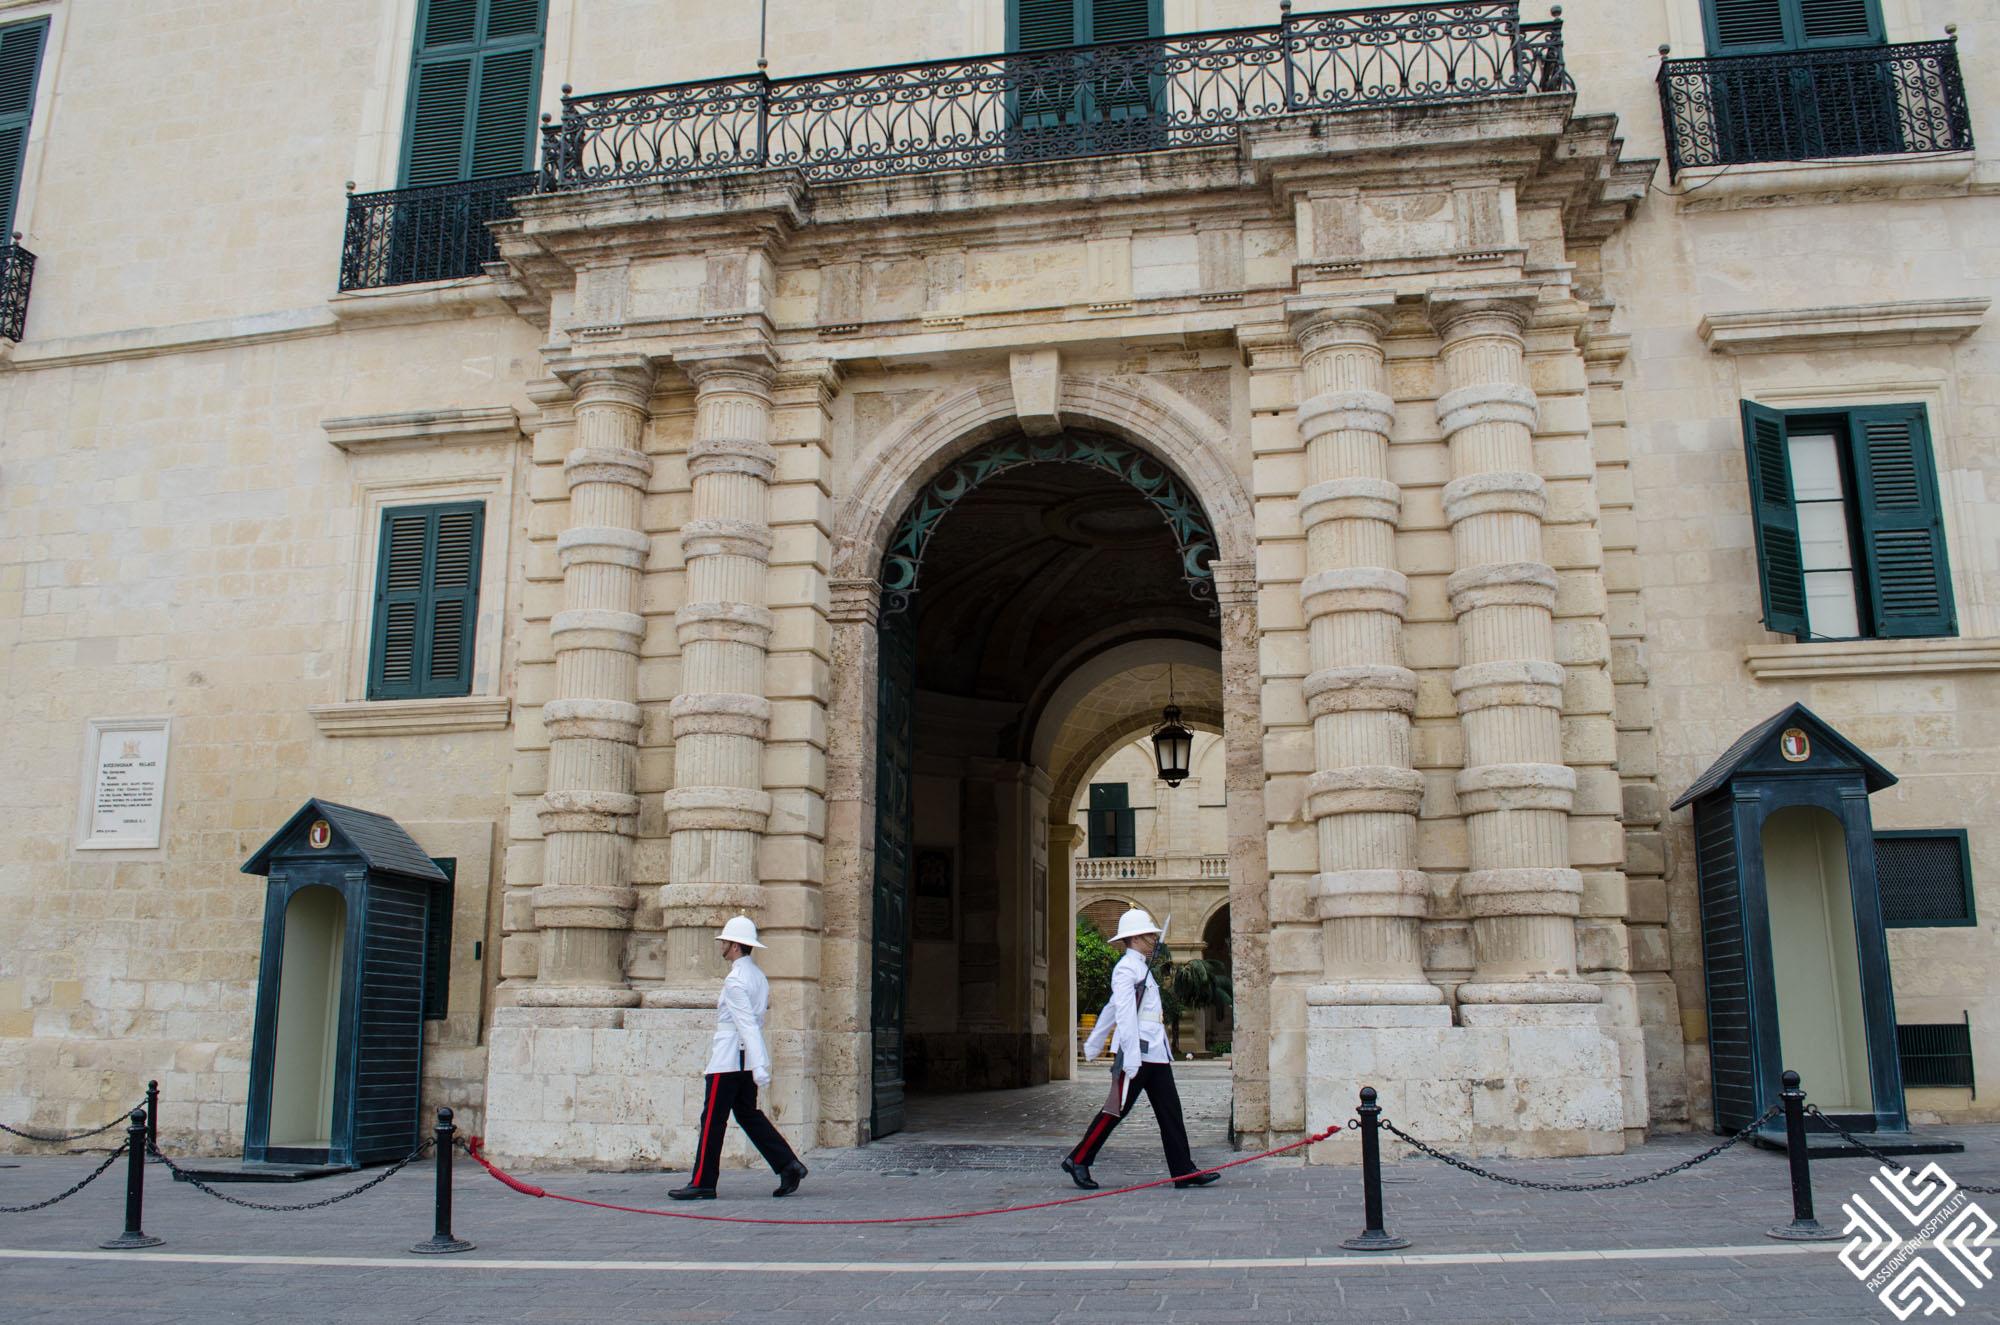 valletta-malta-st-georges-square-1